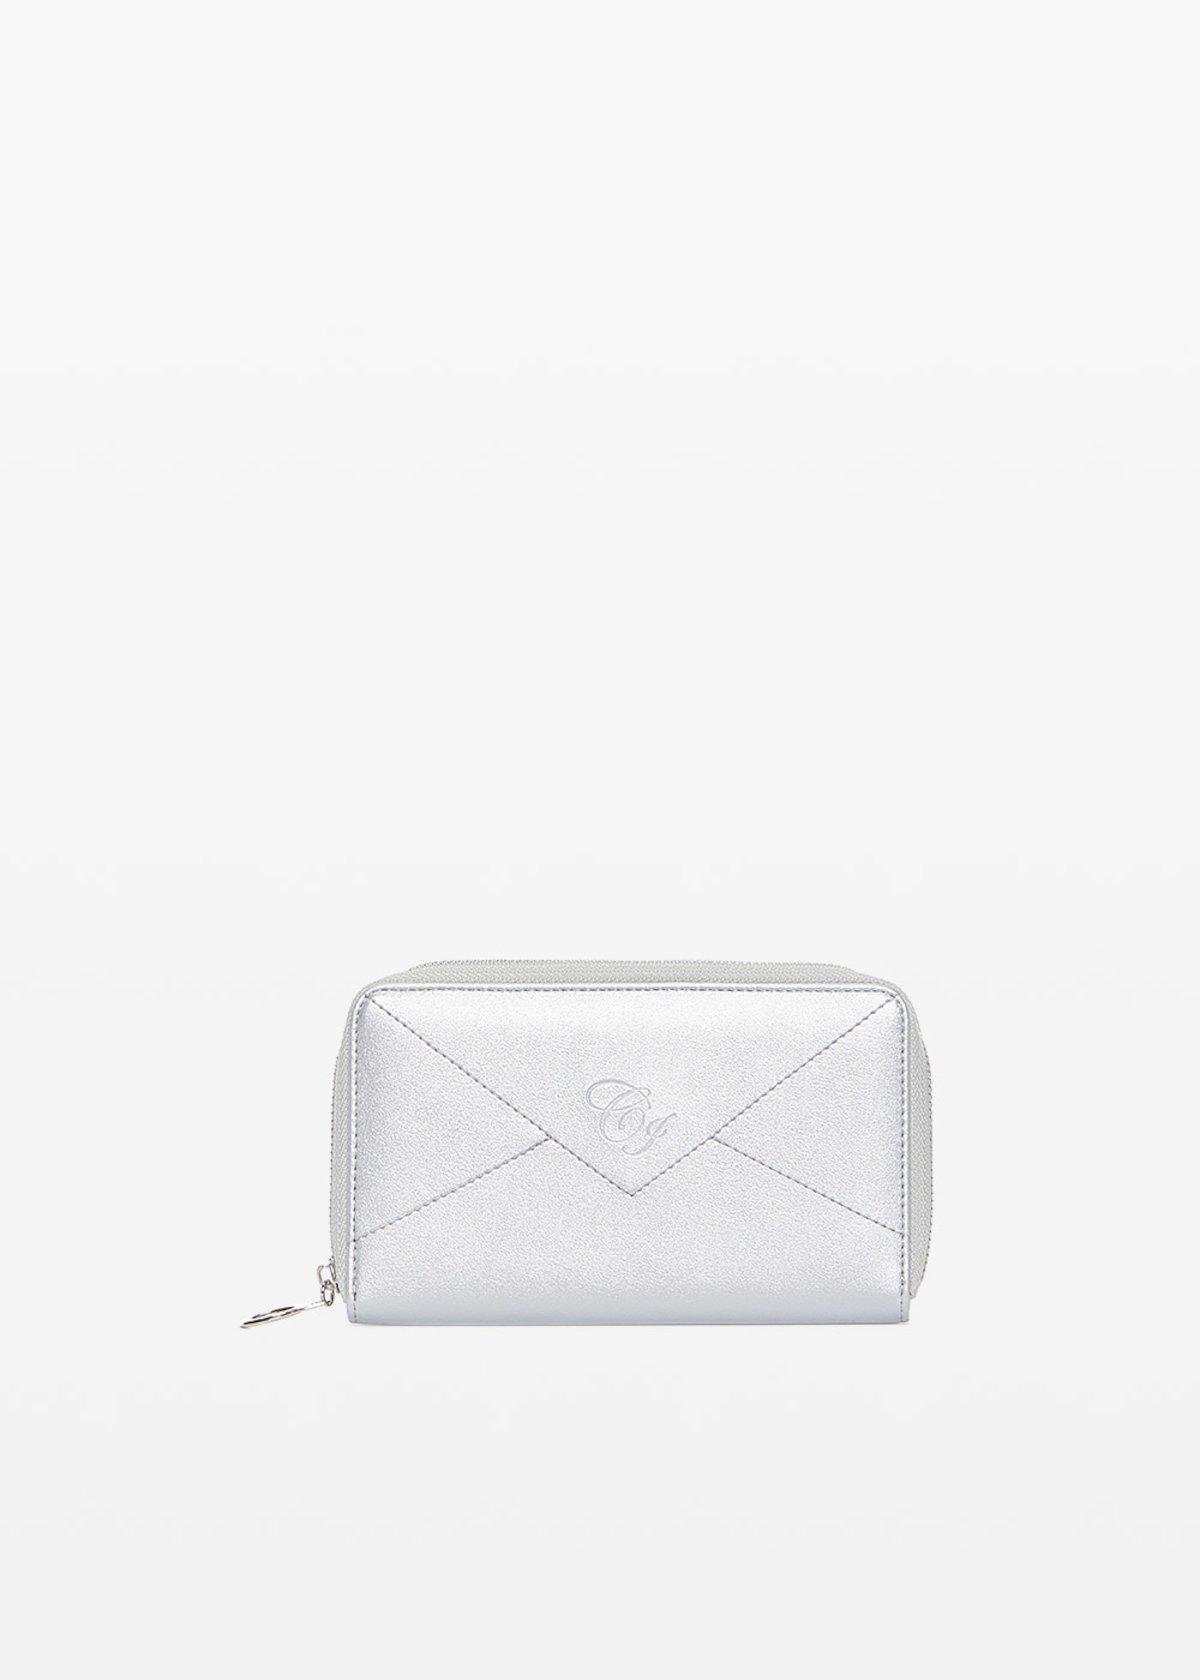 Portafoglio Pamel in ecopelle con logo embossed - Silver - Donna - Immagine categoria